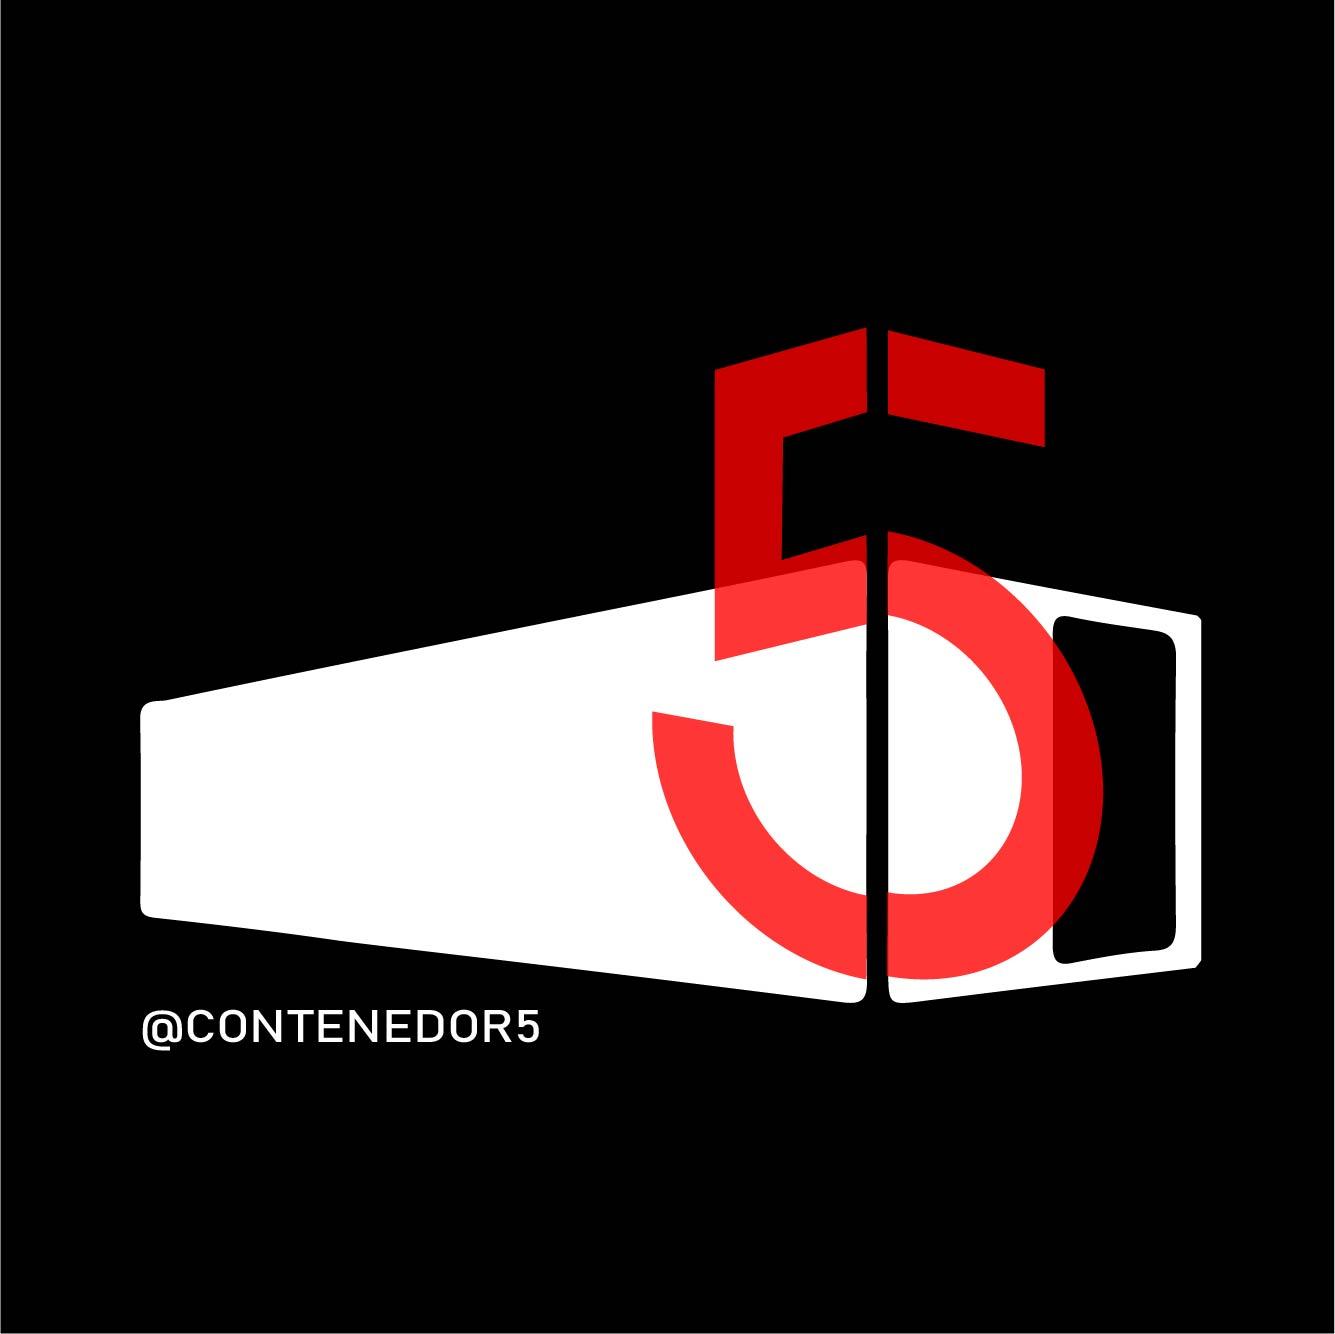 Contenedor 5